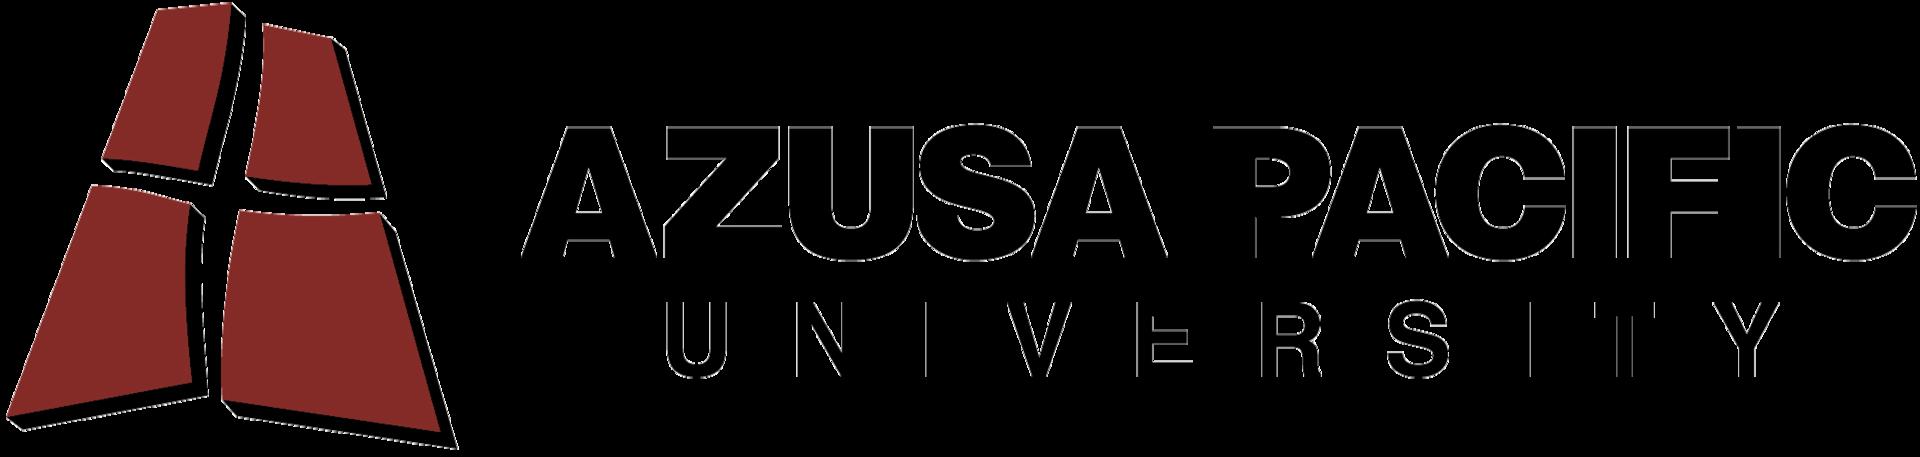 阿茲塞太平洋大學